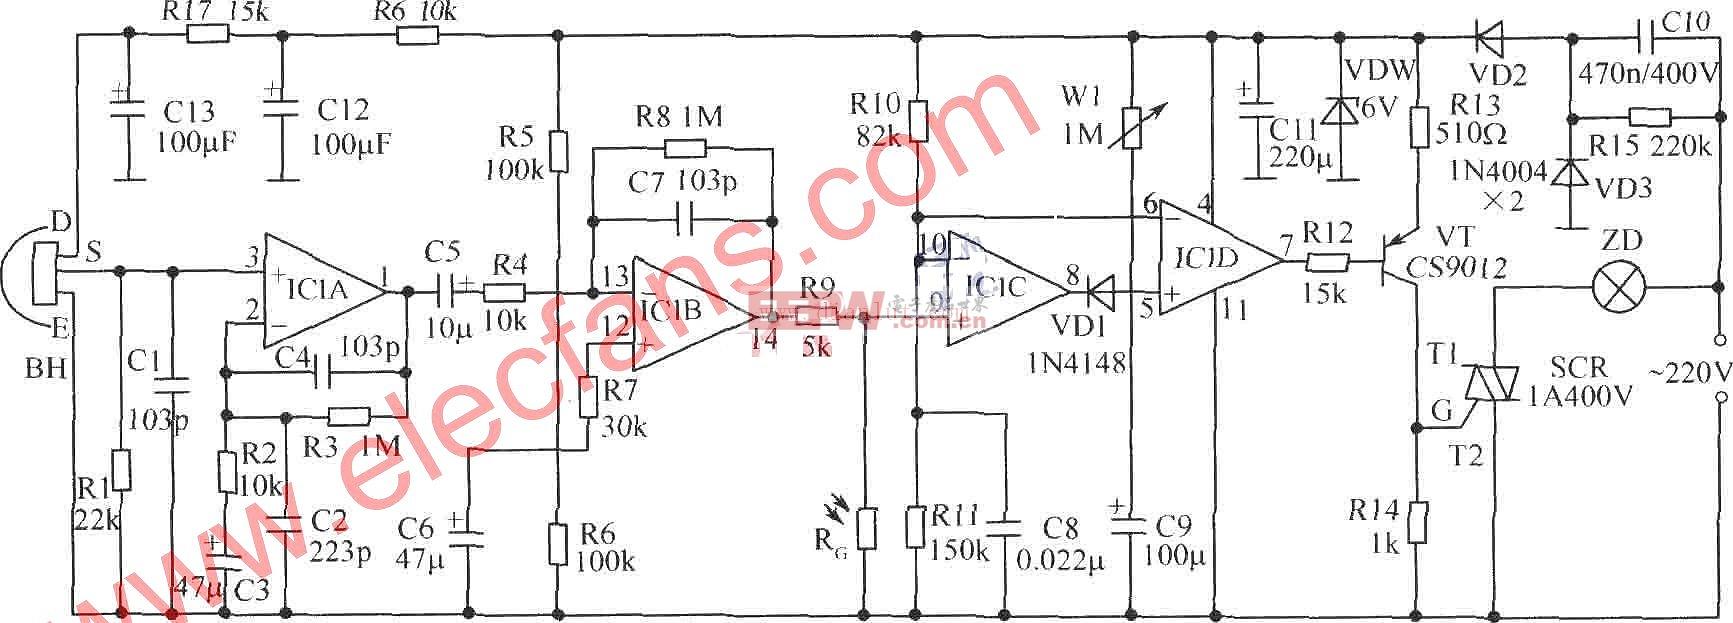 """如图所示为水塔水位控制器电路。图中,IC2可用各种555时基集成电路。IC3为红外接收解码集成电路 CX20106A。IC4可用4N25、4N26、PC817等光电耦合器。红外接收部分亦可购买成品红外接收组件或一体化红外接收头,可方便制作,提高可靠性。VD1、VD2和VD3选用电视遥控器用红外发射、接收二极管。J选用国产新型记忆自锁继电器,该产品外形与普通继电器相同,不同之处在于吸合后不需维持电流,仅在吸合和释放时需一定脉冲驱动功率,然后由机械结构保持""""锁定""""。主要参数:额定电压1"""